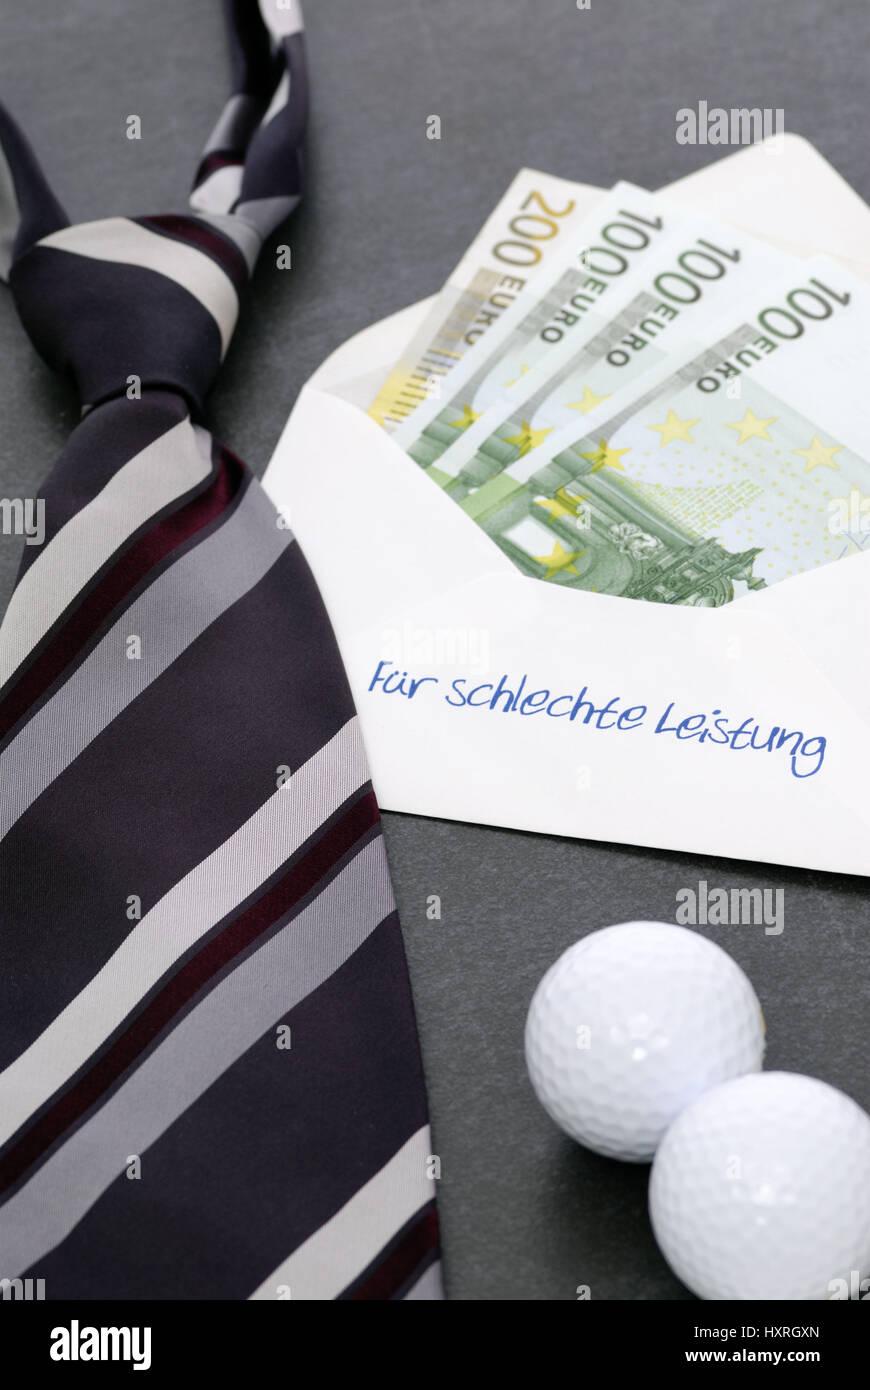 For bad achievement, envelope with label and bank notes, banker's bonus, Für schlechte Leistung, Briefumschlag - Stock Image